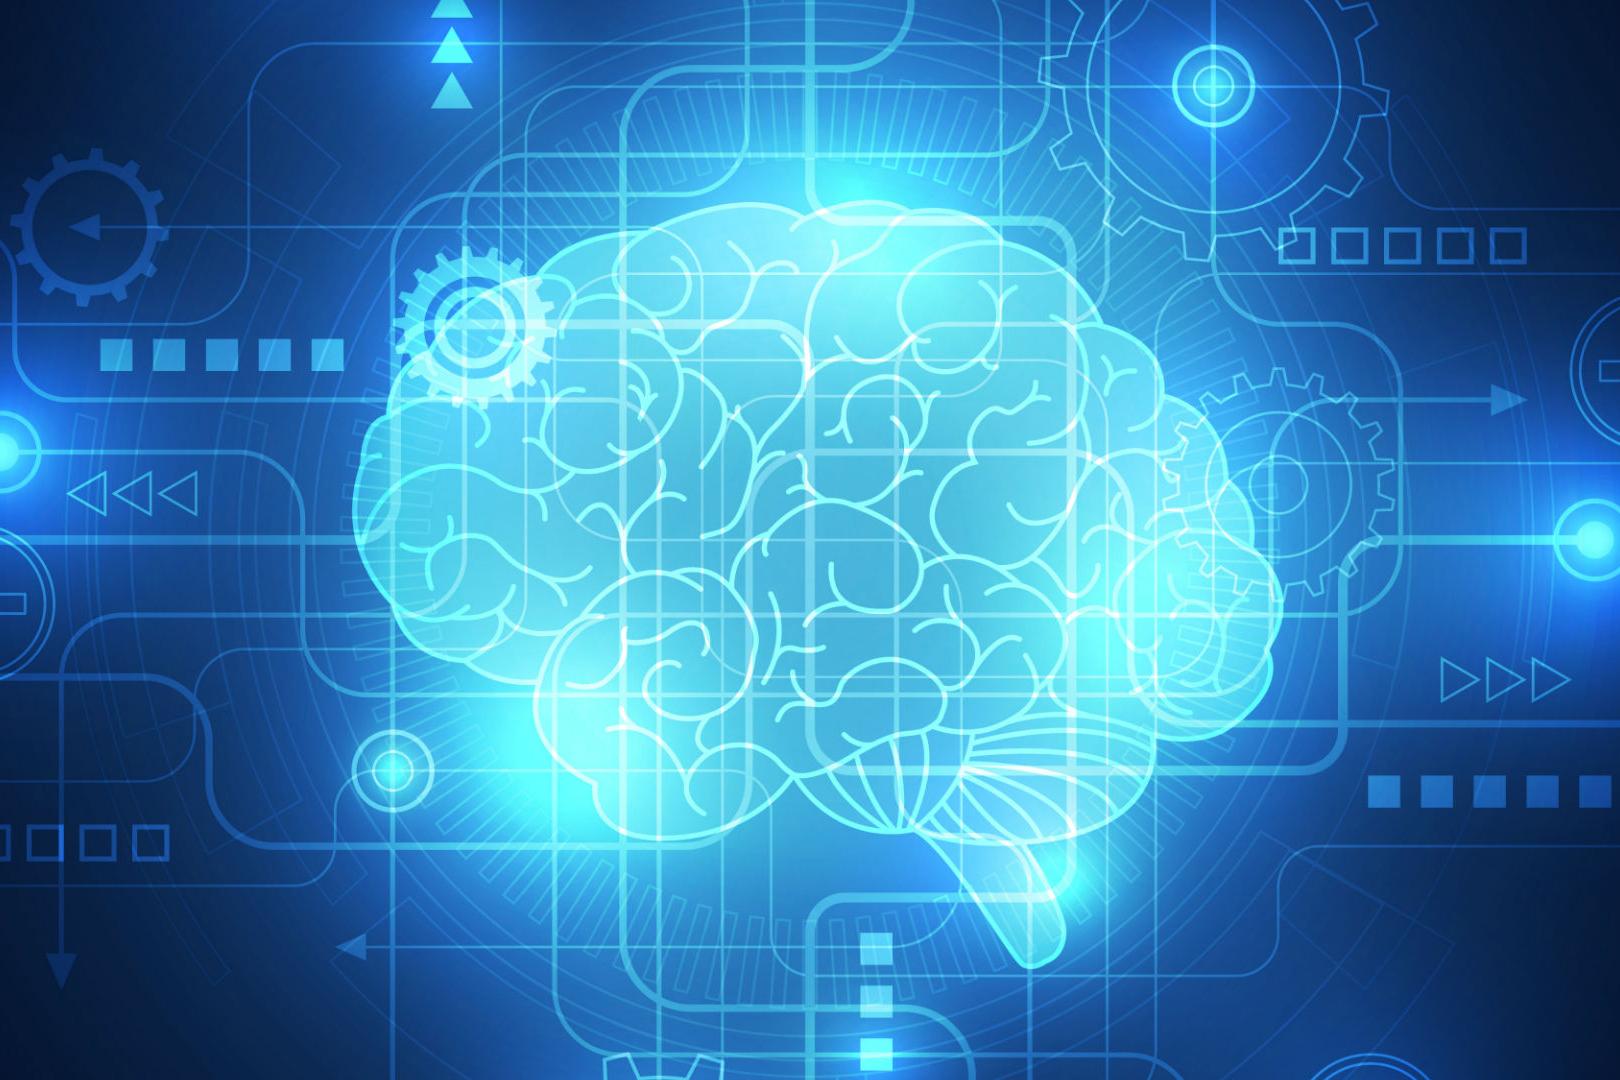 МТС создала подразделение искусственного интеллекта